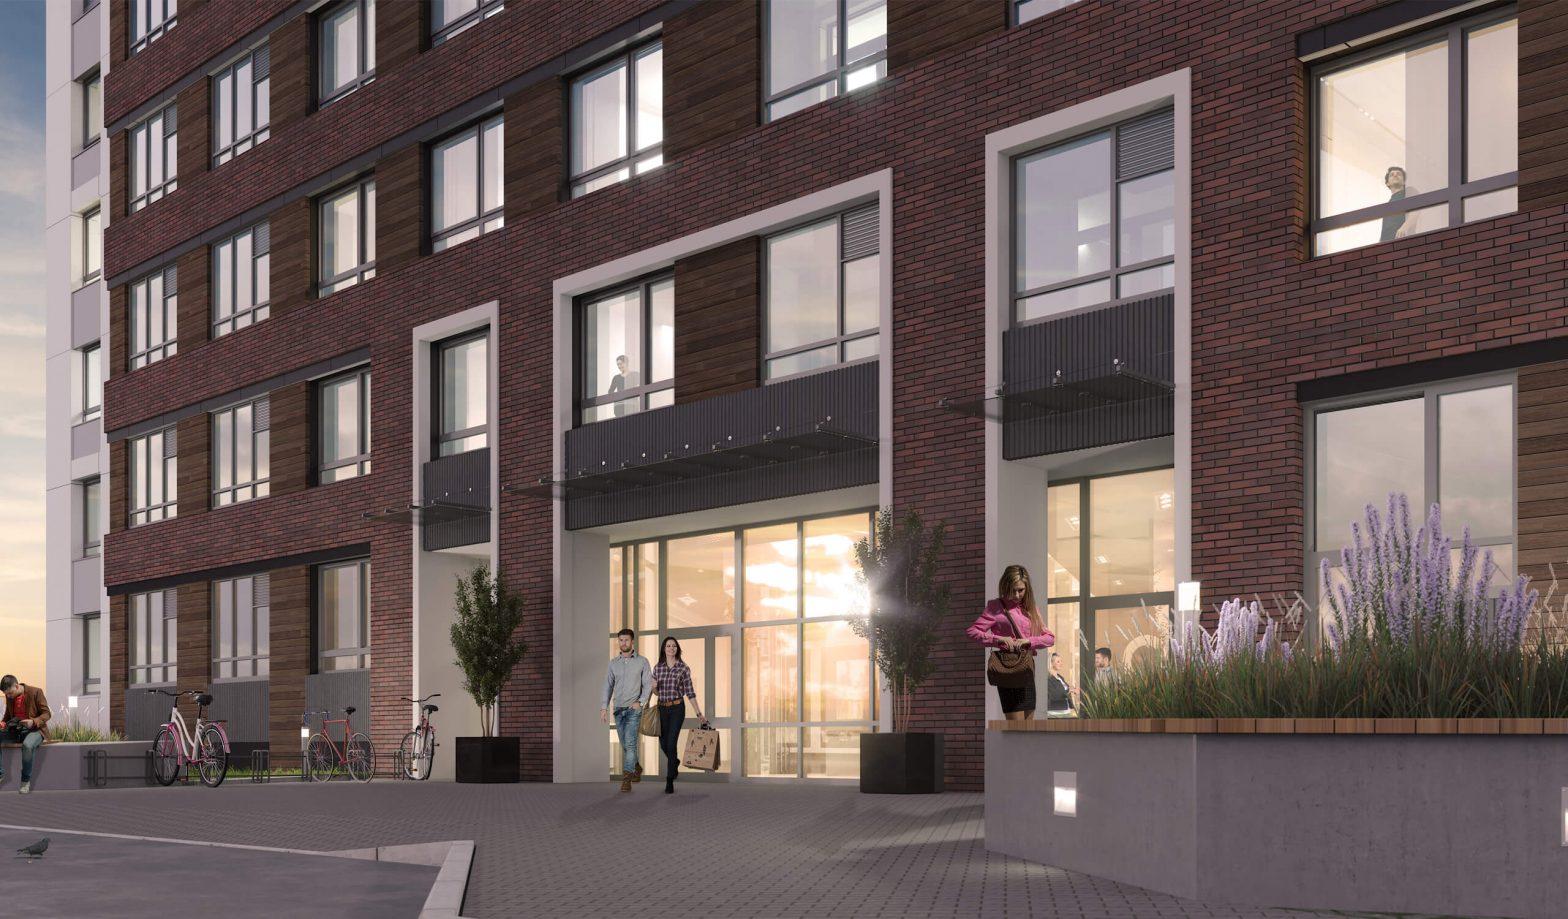 Проектирование фасада многоквартирного жилого комплекса